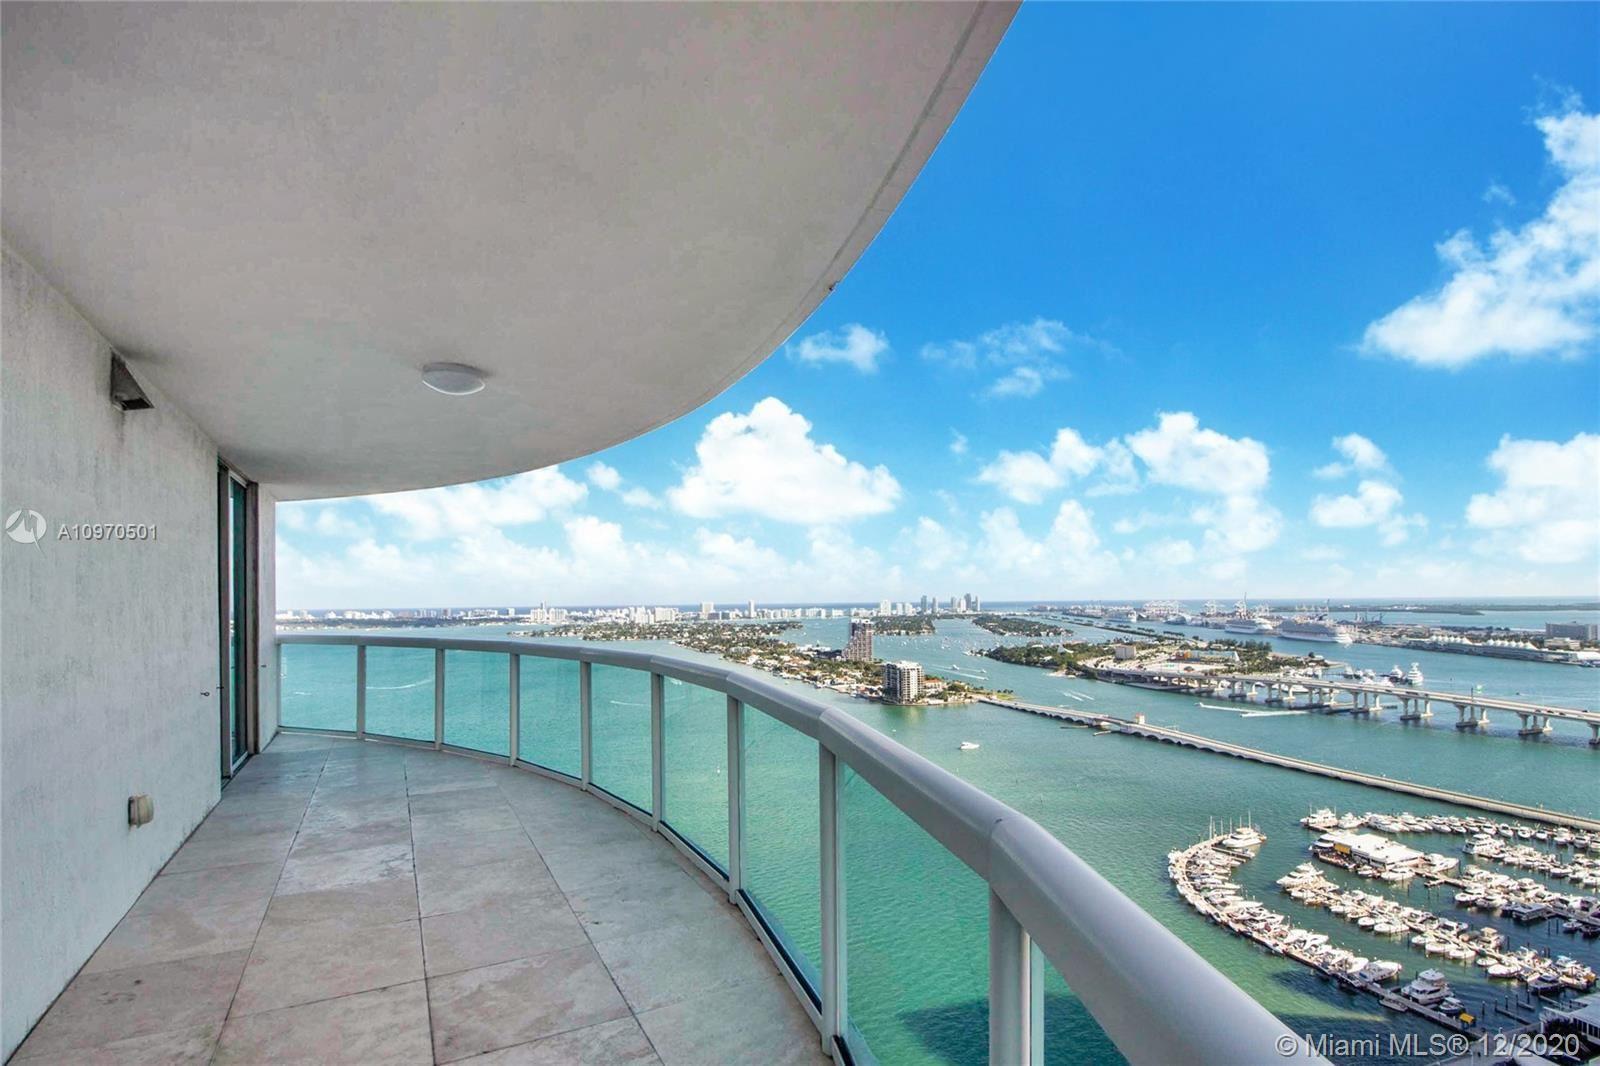 1800 N Bayshore Dr #4001, Miami, FL 33132 - #: A10970501